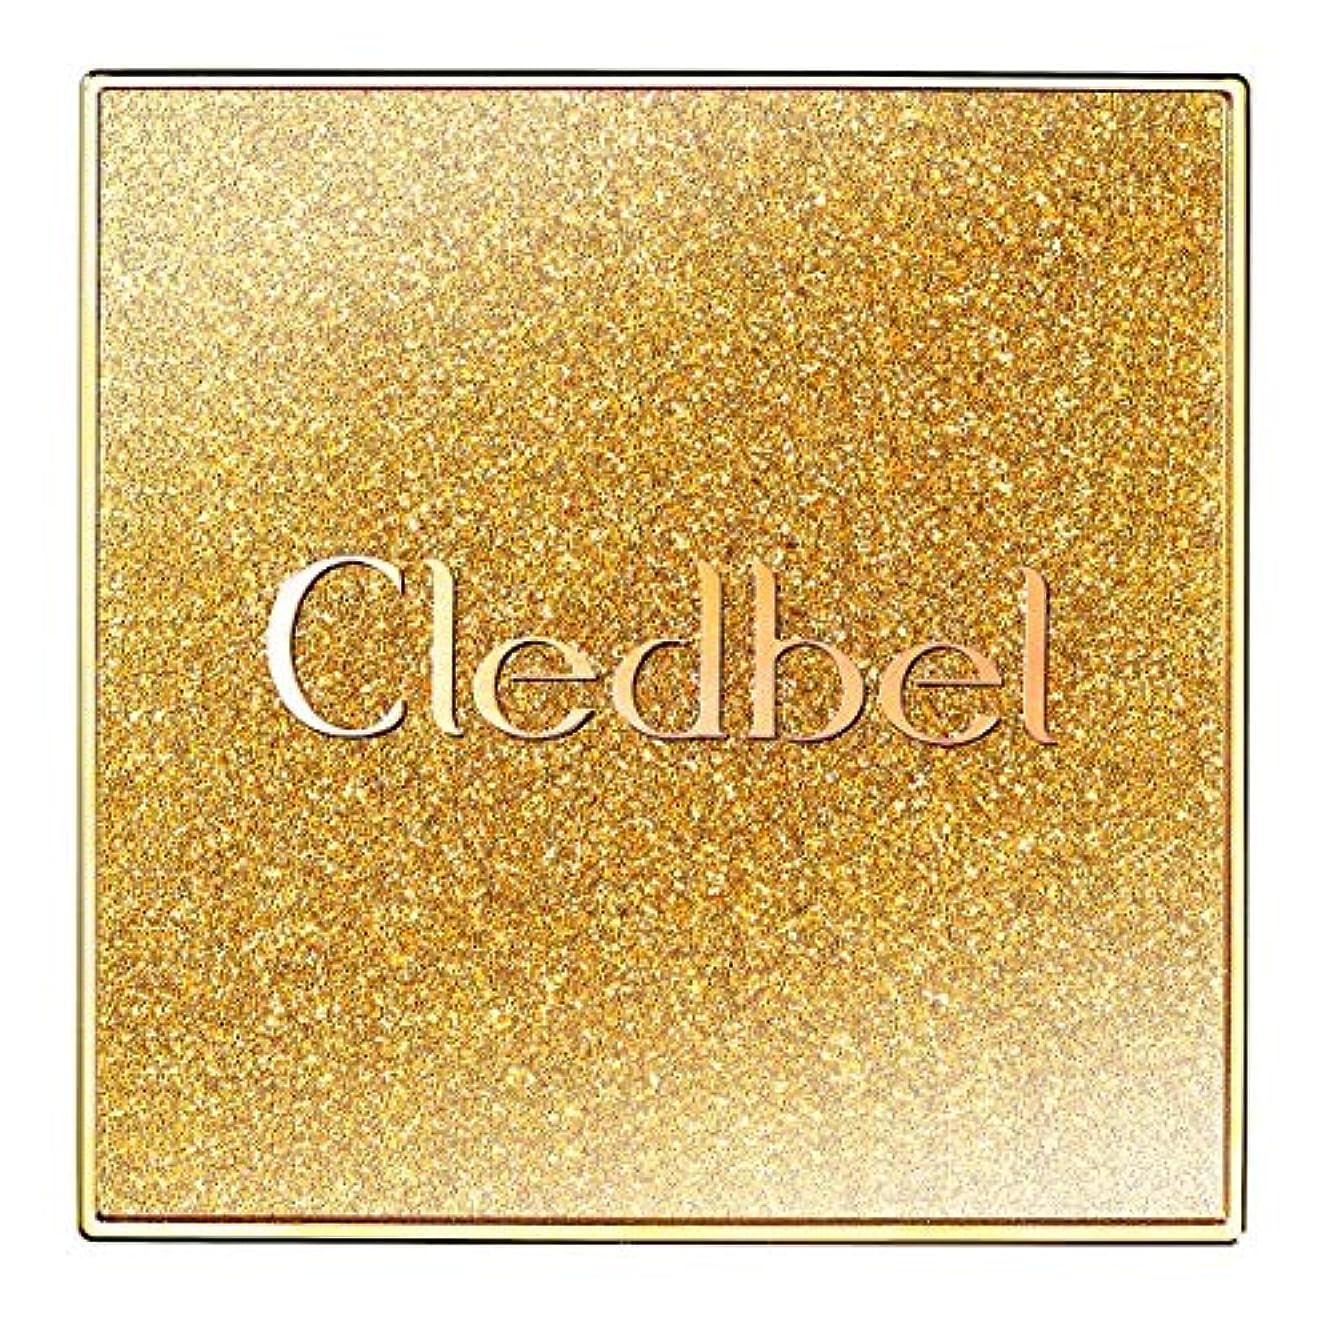 対応勧める五十[Cledbel] Miracle Power Lift V Cushion SPF50+ PA+++ GOLD EDITION/クレッドベルミラクルリフトV クッション [並行輸入品]